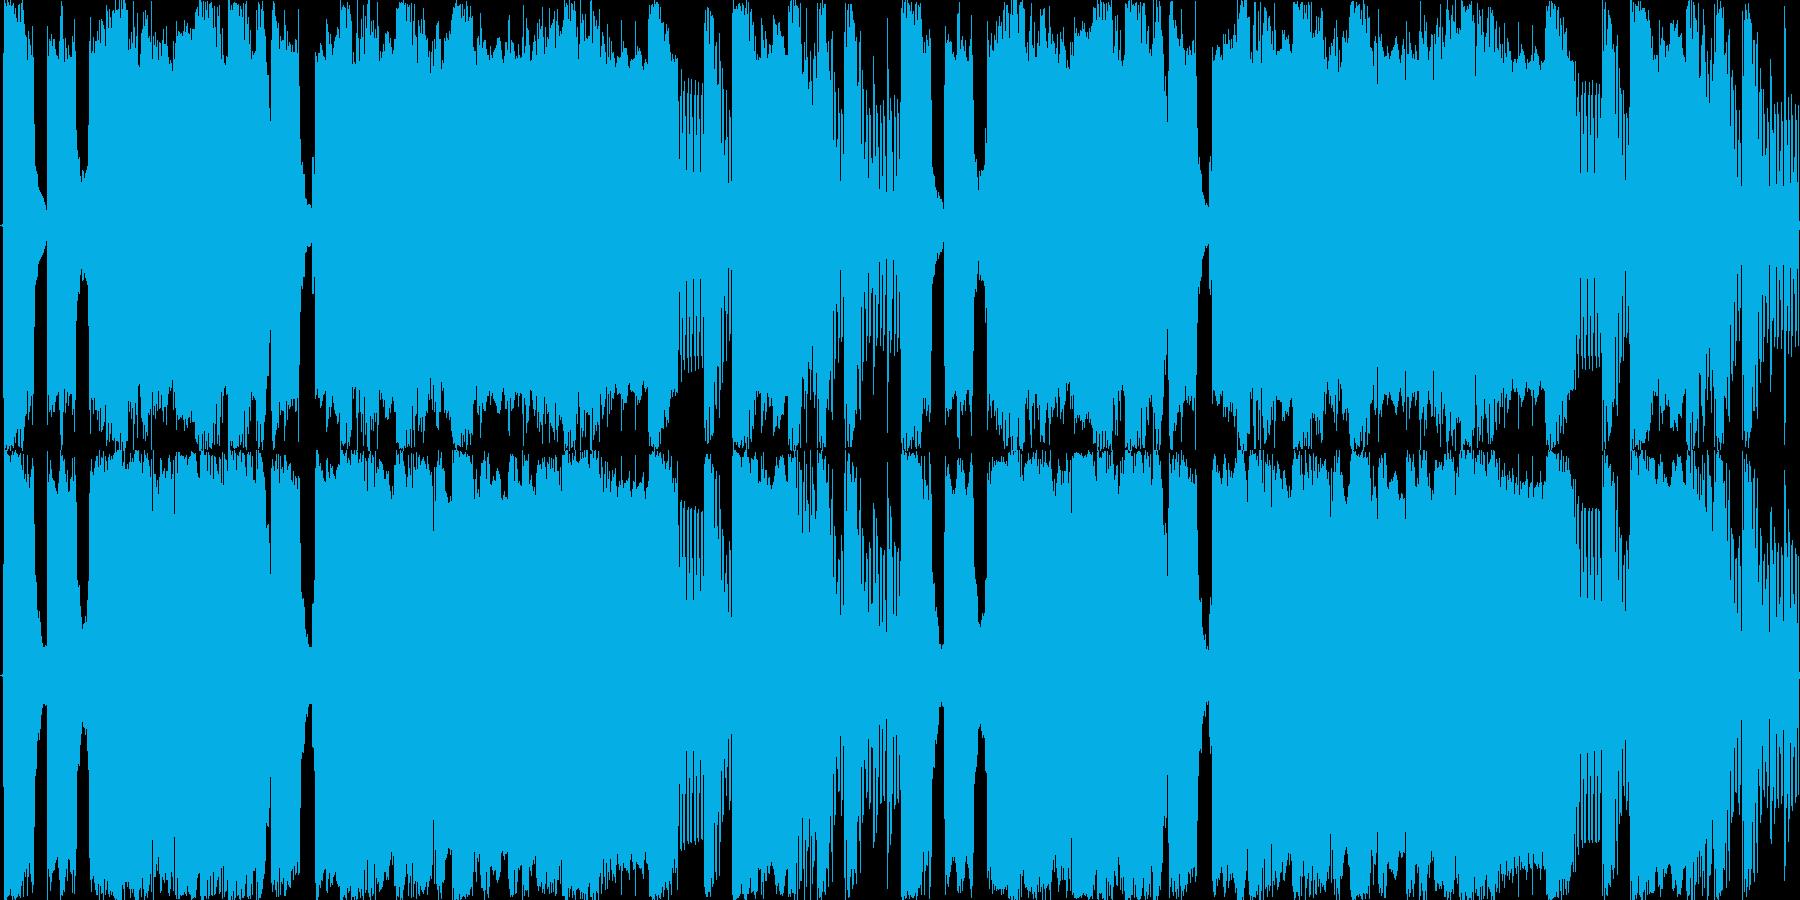 【ダンス/イベント/ダブステップ】の再生済みの波形